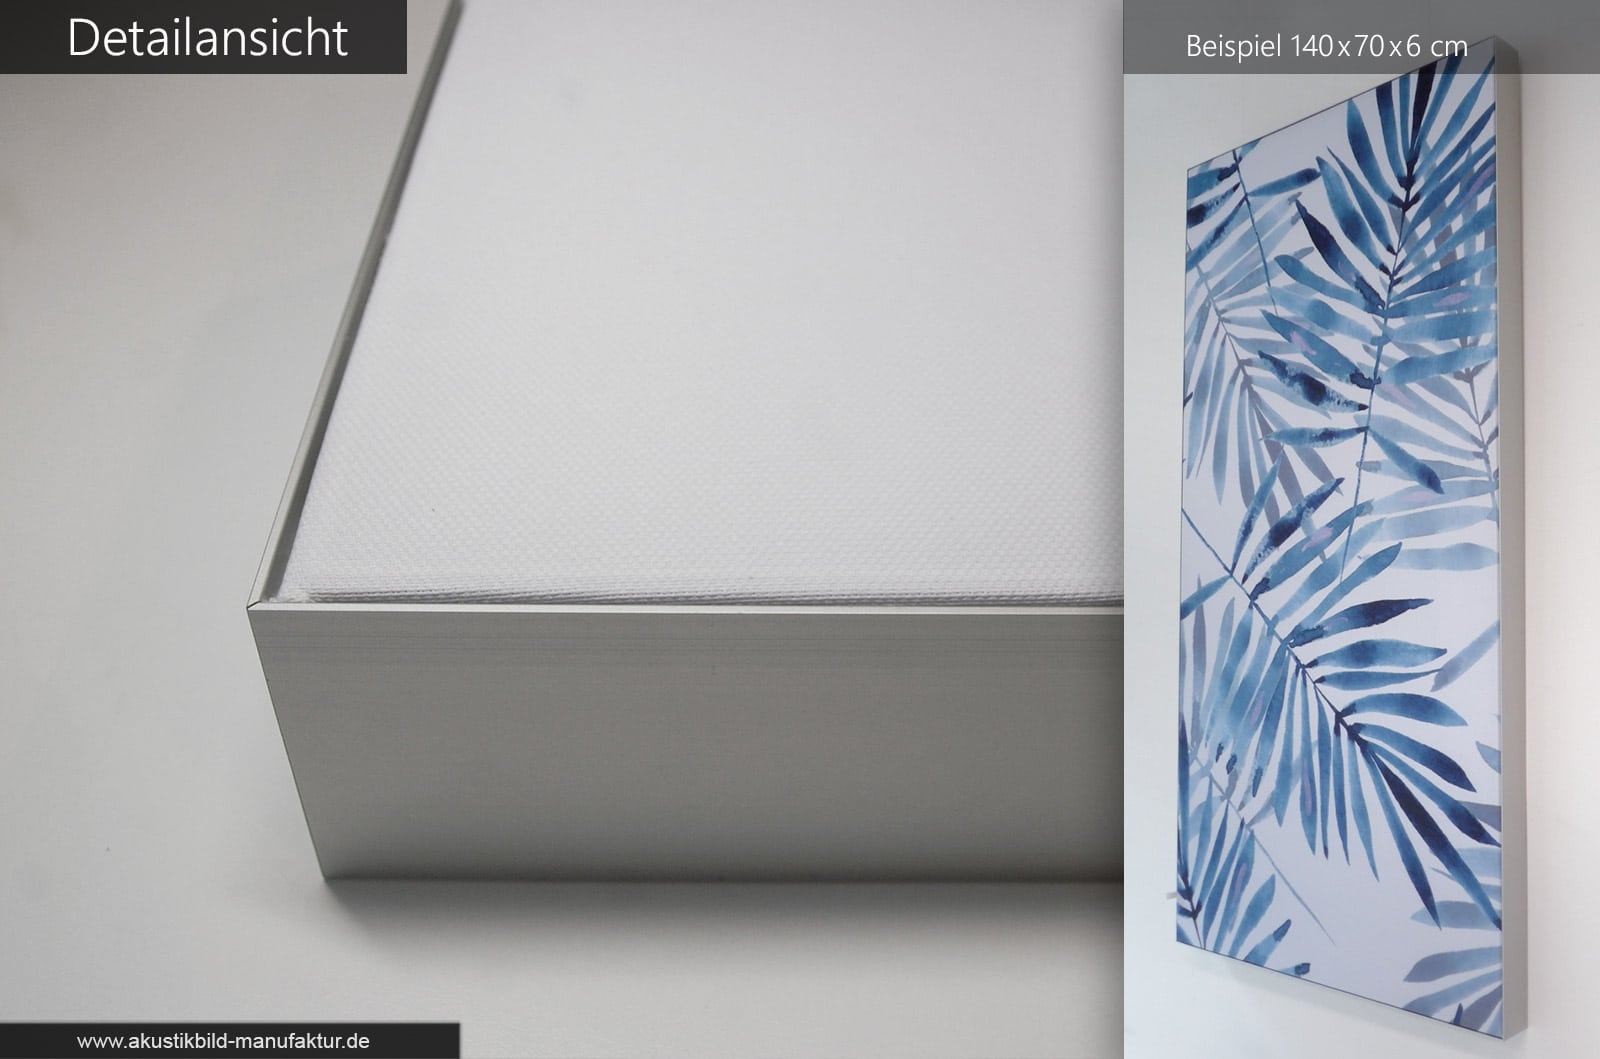 Ungewöhnlich Rahmen Erhältlich Galerie - Benutzerdefinierte ...